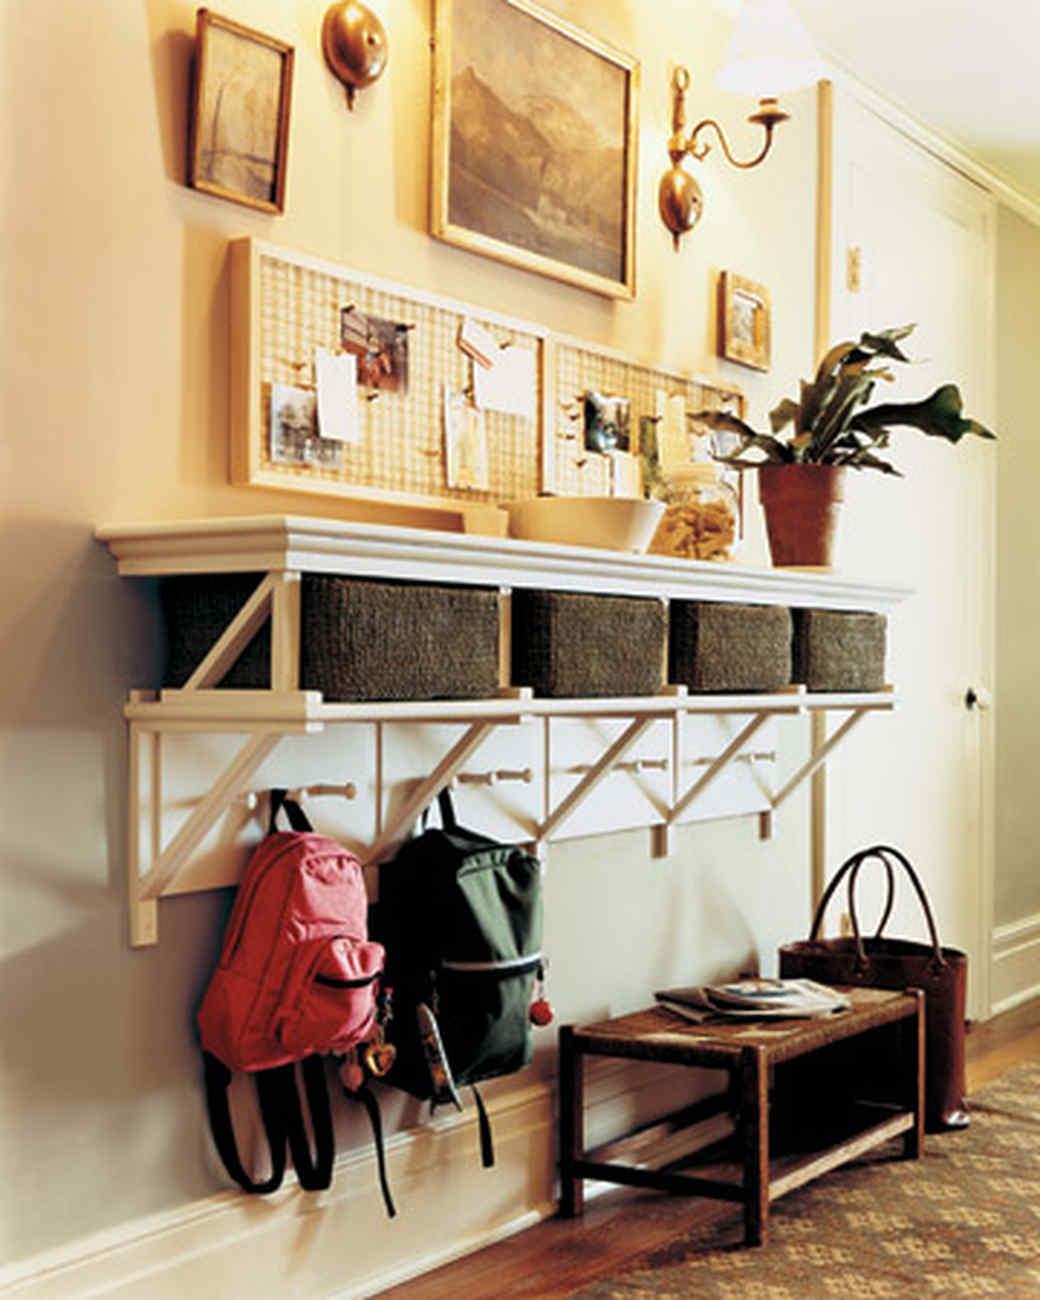 & Entryway Organizing Ideas | Martha Stewart